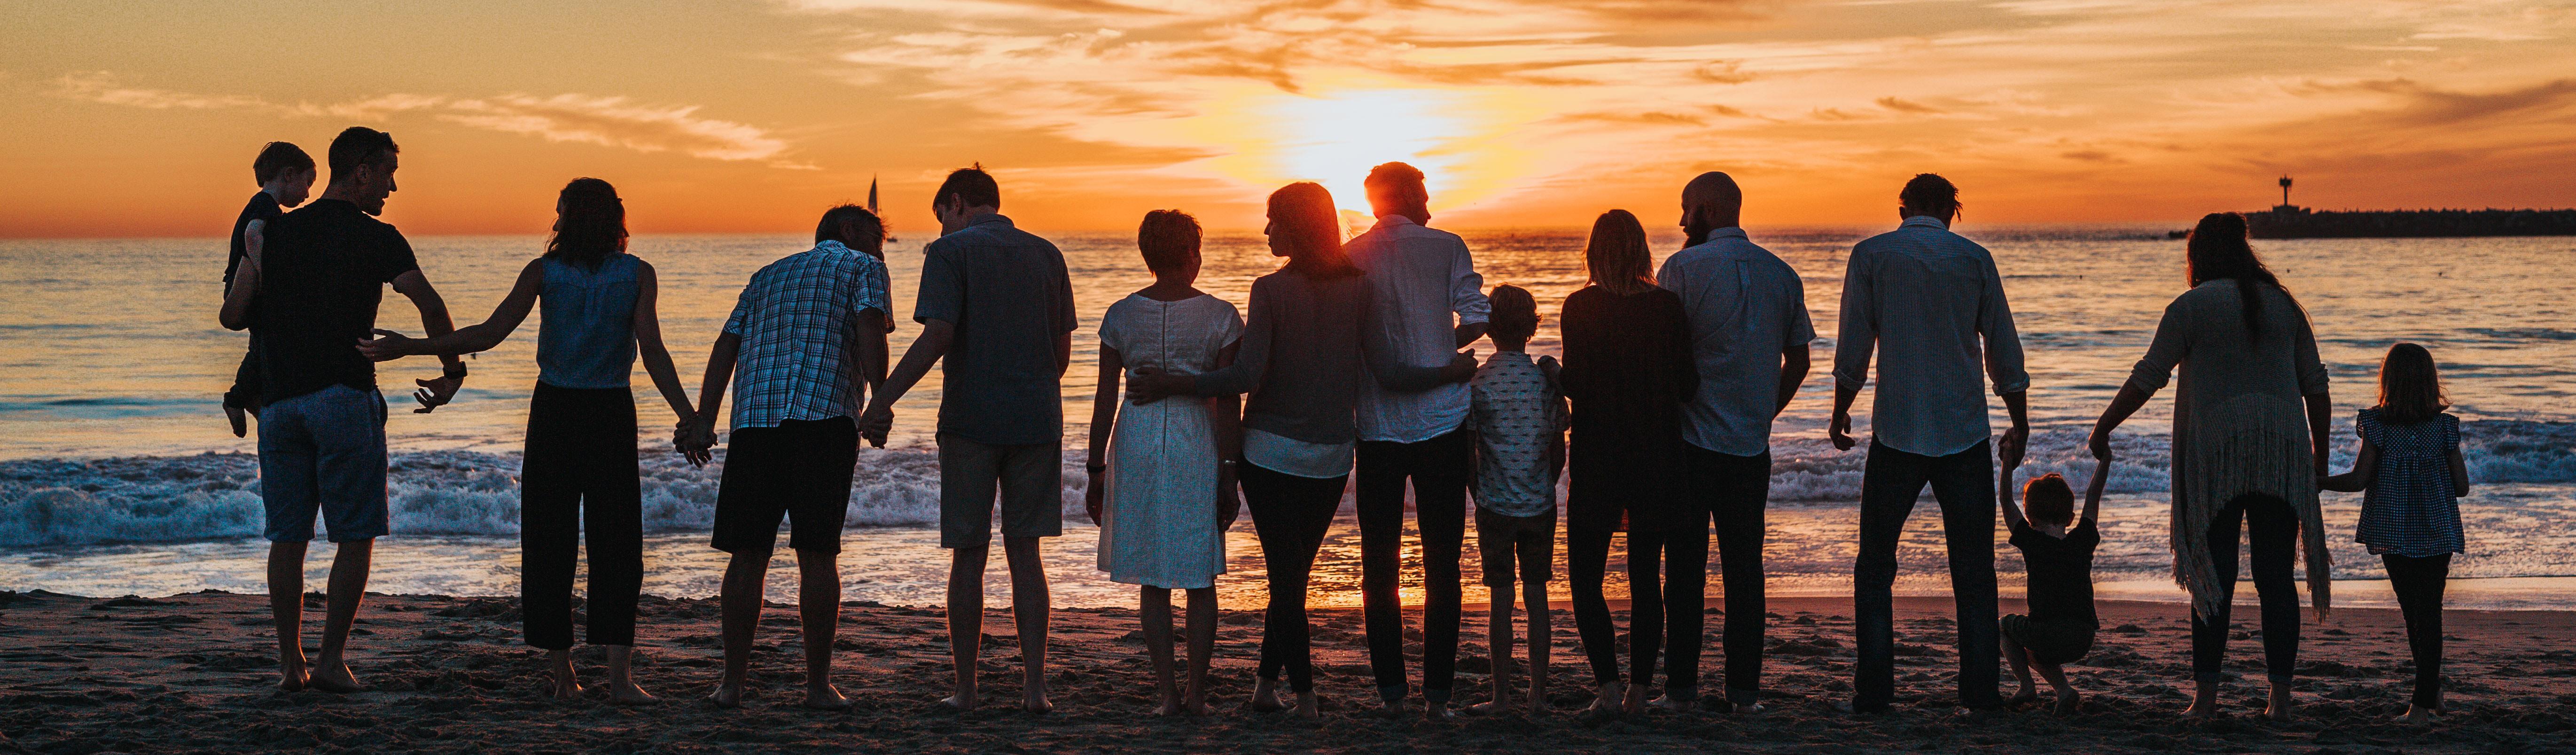 Terapia Familiar sen migrantes y refugiados